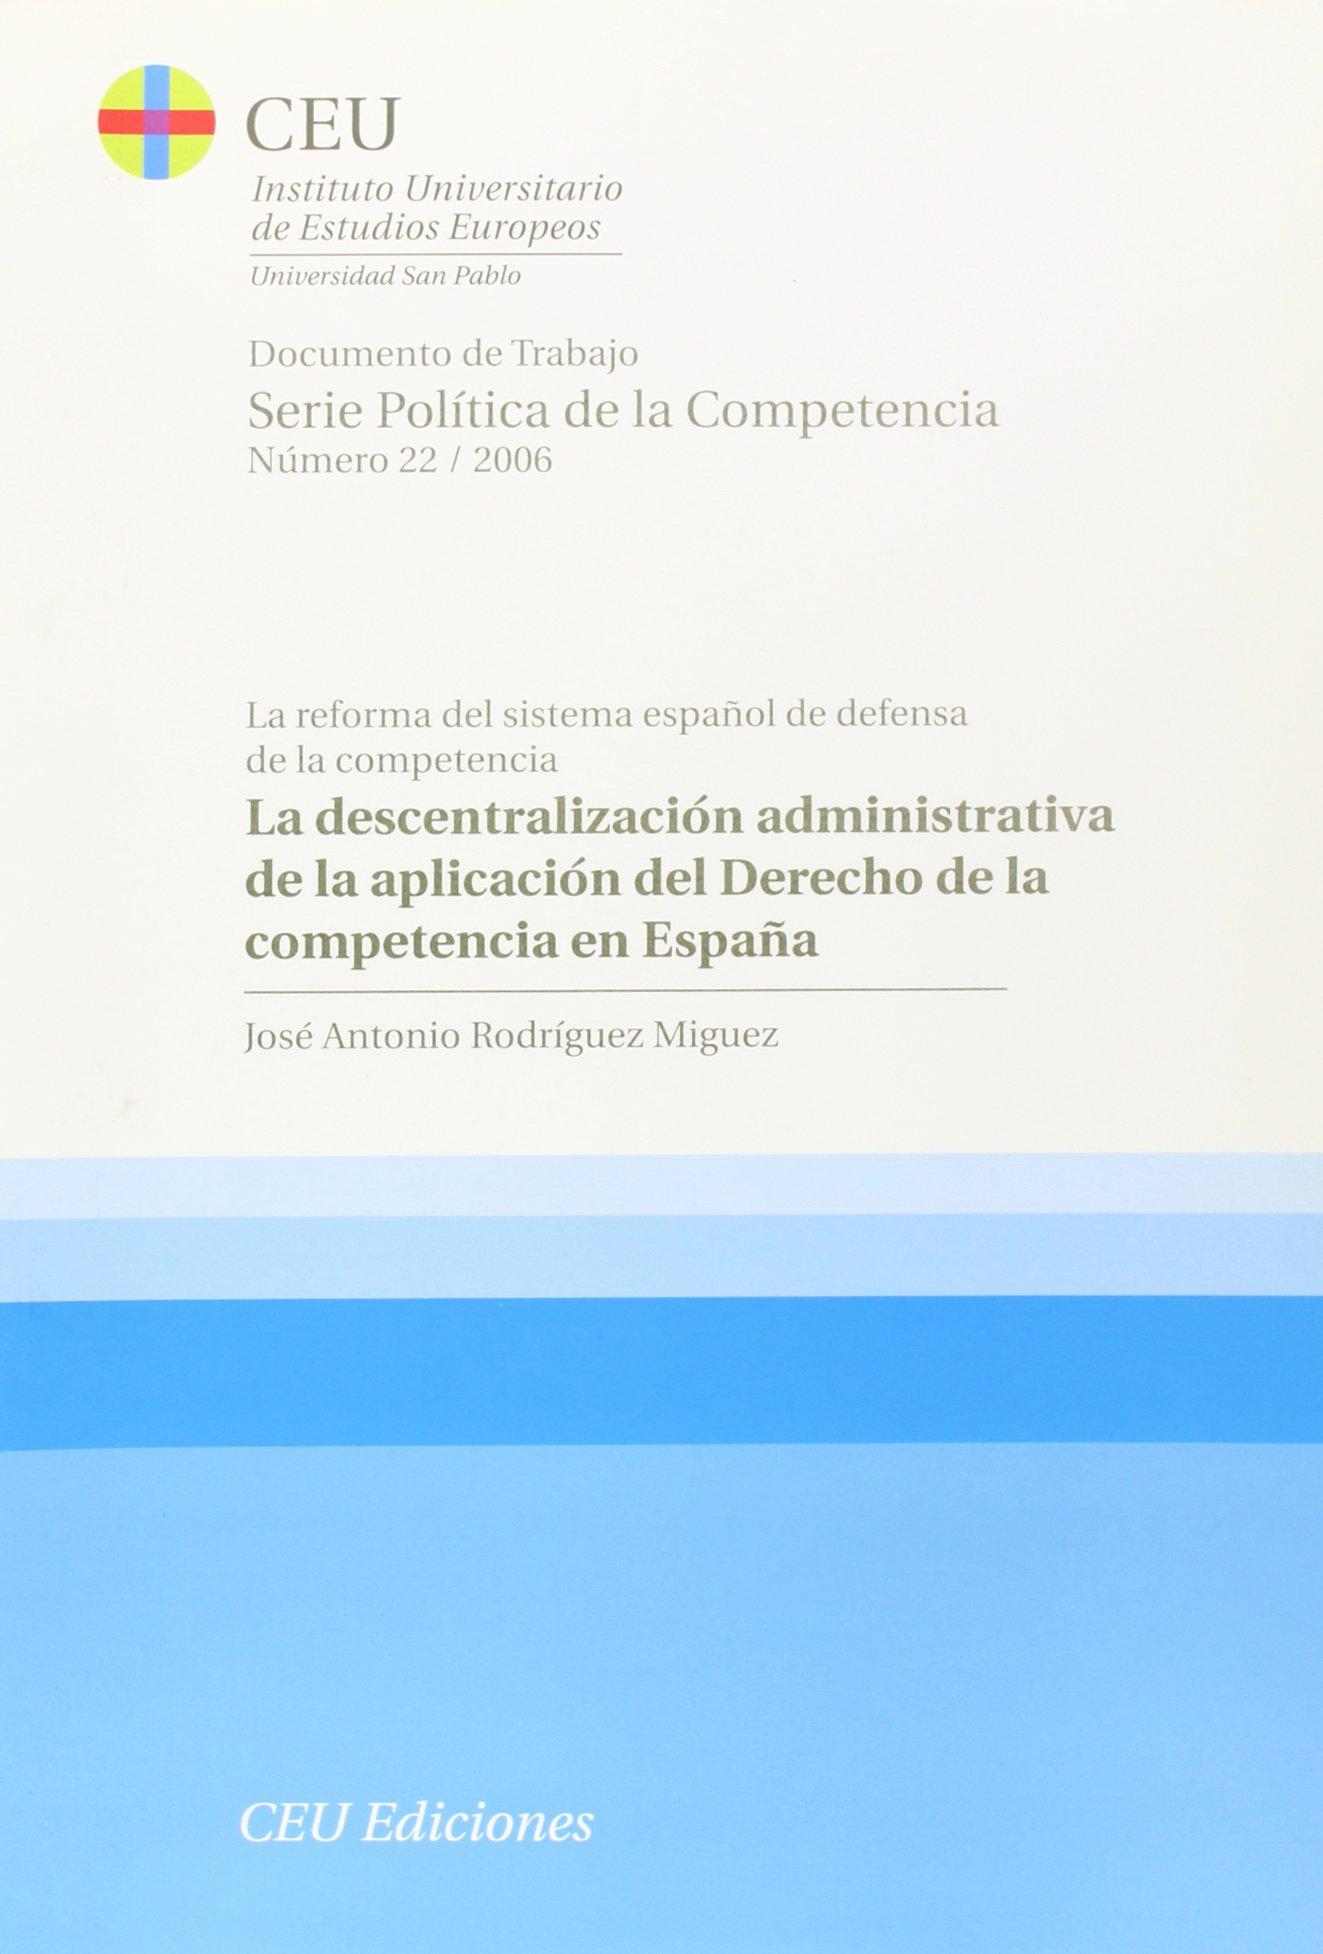 La descentralización administrativa de la aplicación del Derecho ...